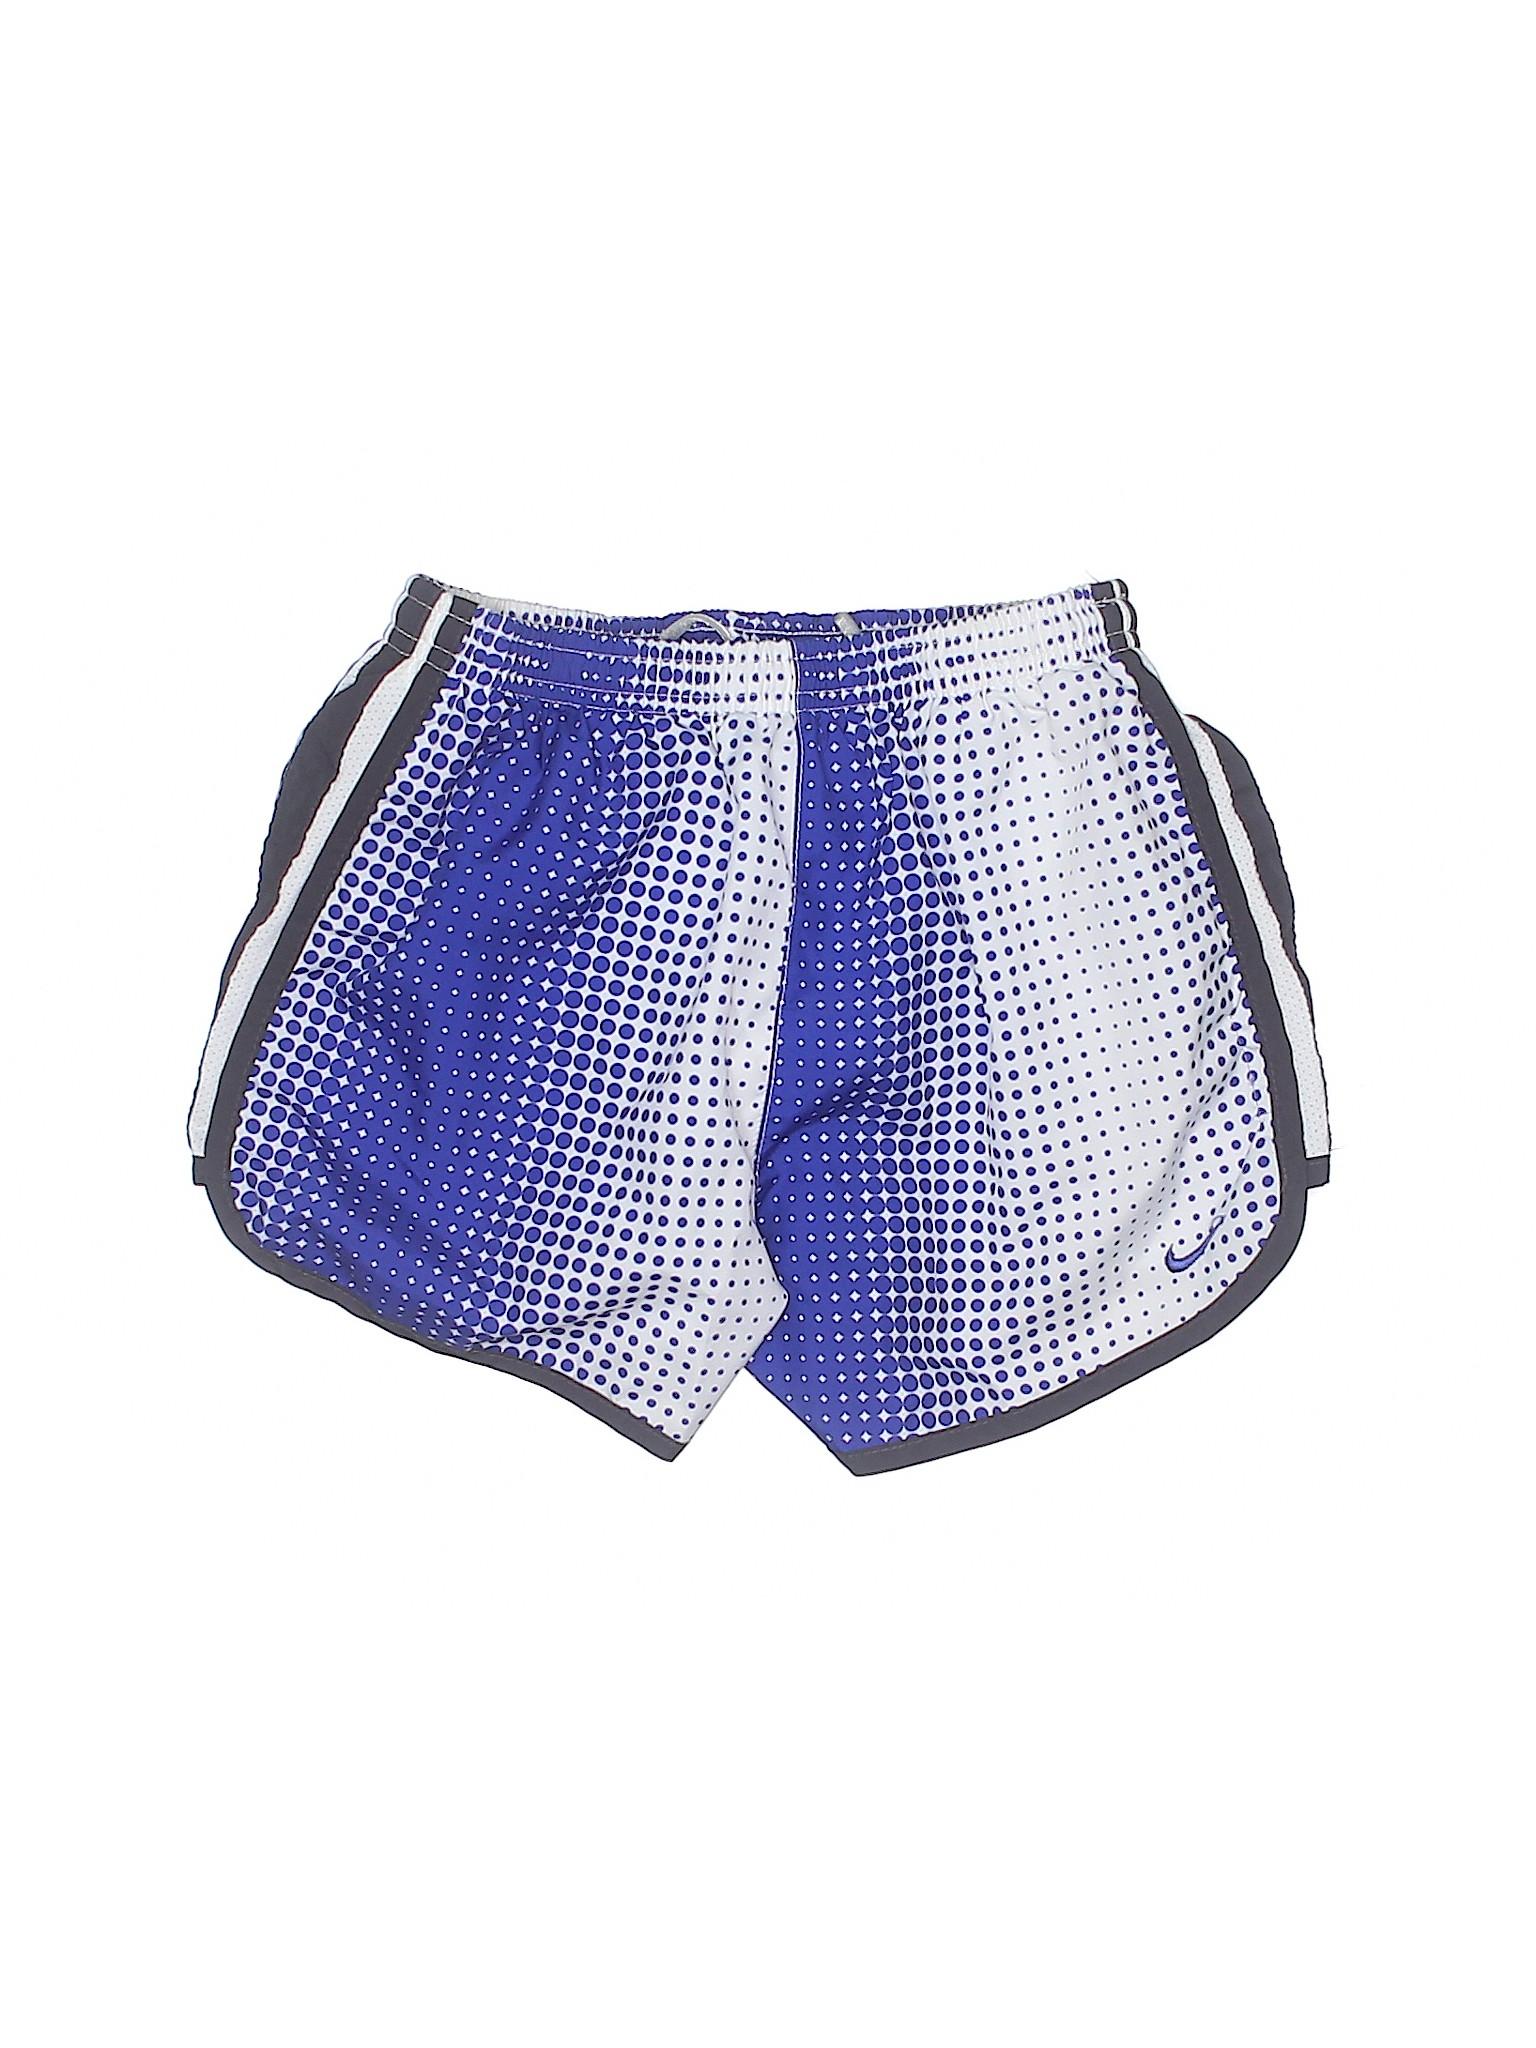 Athletic Nike Nike Boutique Shorts Shorts Boutique Boutique Athletic Nike xw7qp0g6Y